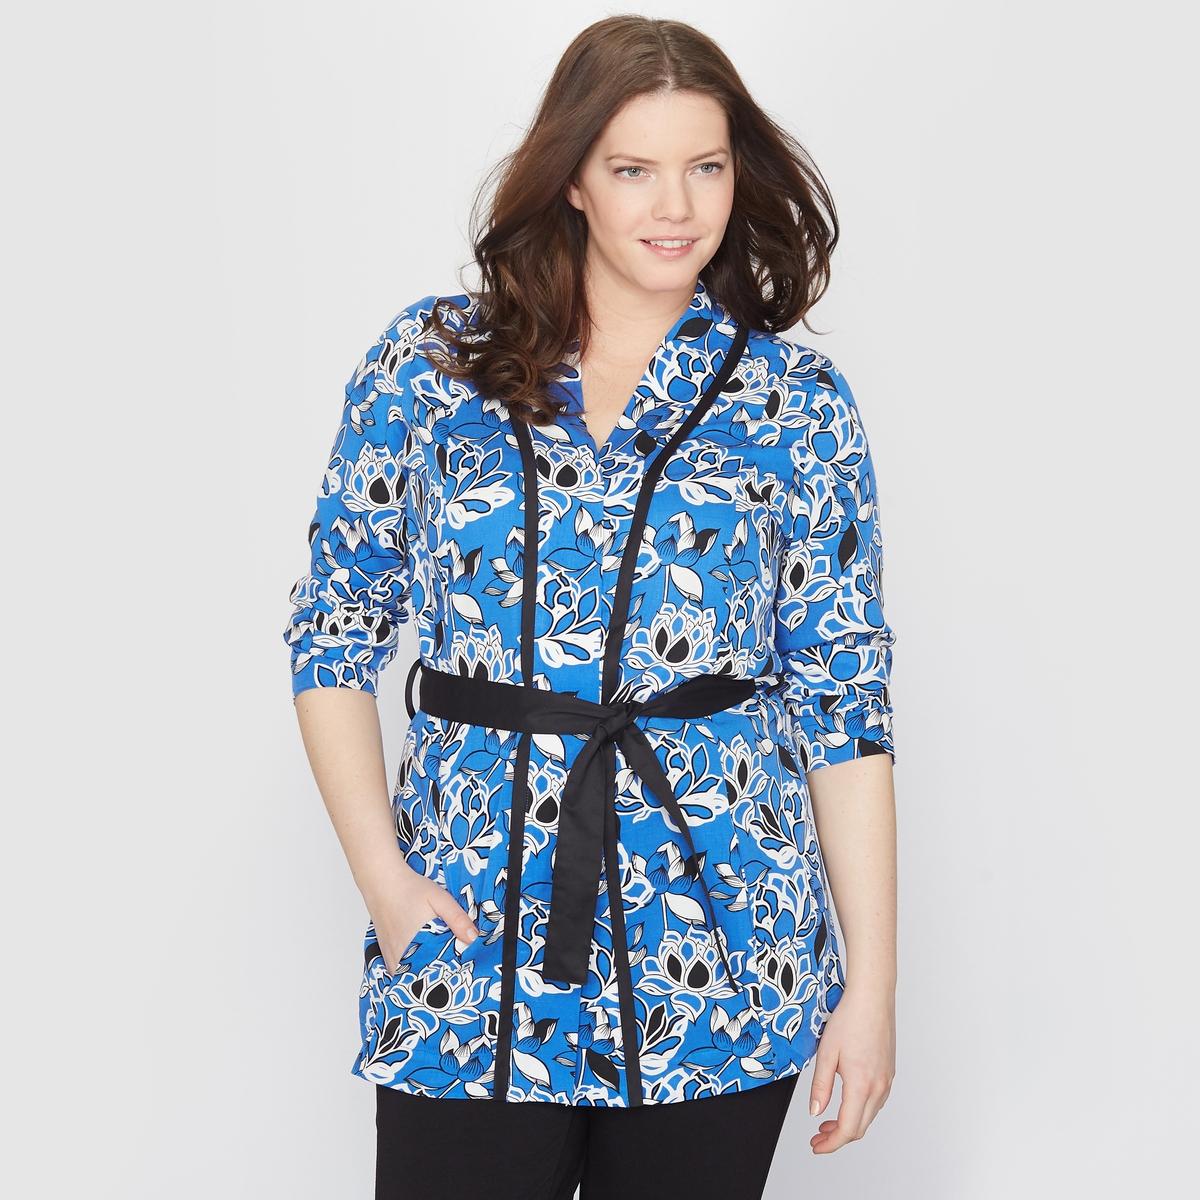 Жакет-кимоно с цветочным мотивомЖакет-кимоно. Яркий цветочный рисунок ! Однотонный черный ремешок на поясе . Контрастная черная бейка на вырезе и рукавах . 100% вискозы . Длина 72 см .<br><br>Цвет: рисунок цветочный синий<br>Размер: 52 (FR) - 58 (RUS)